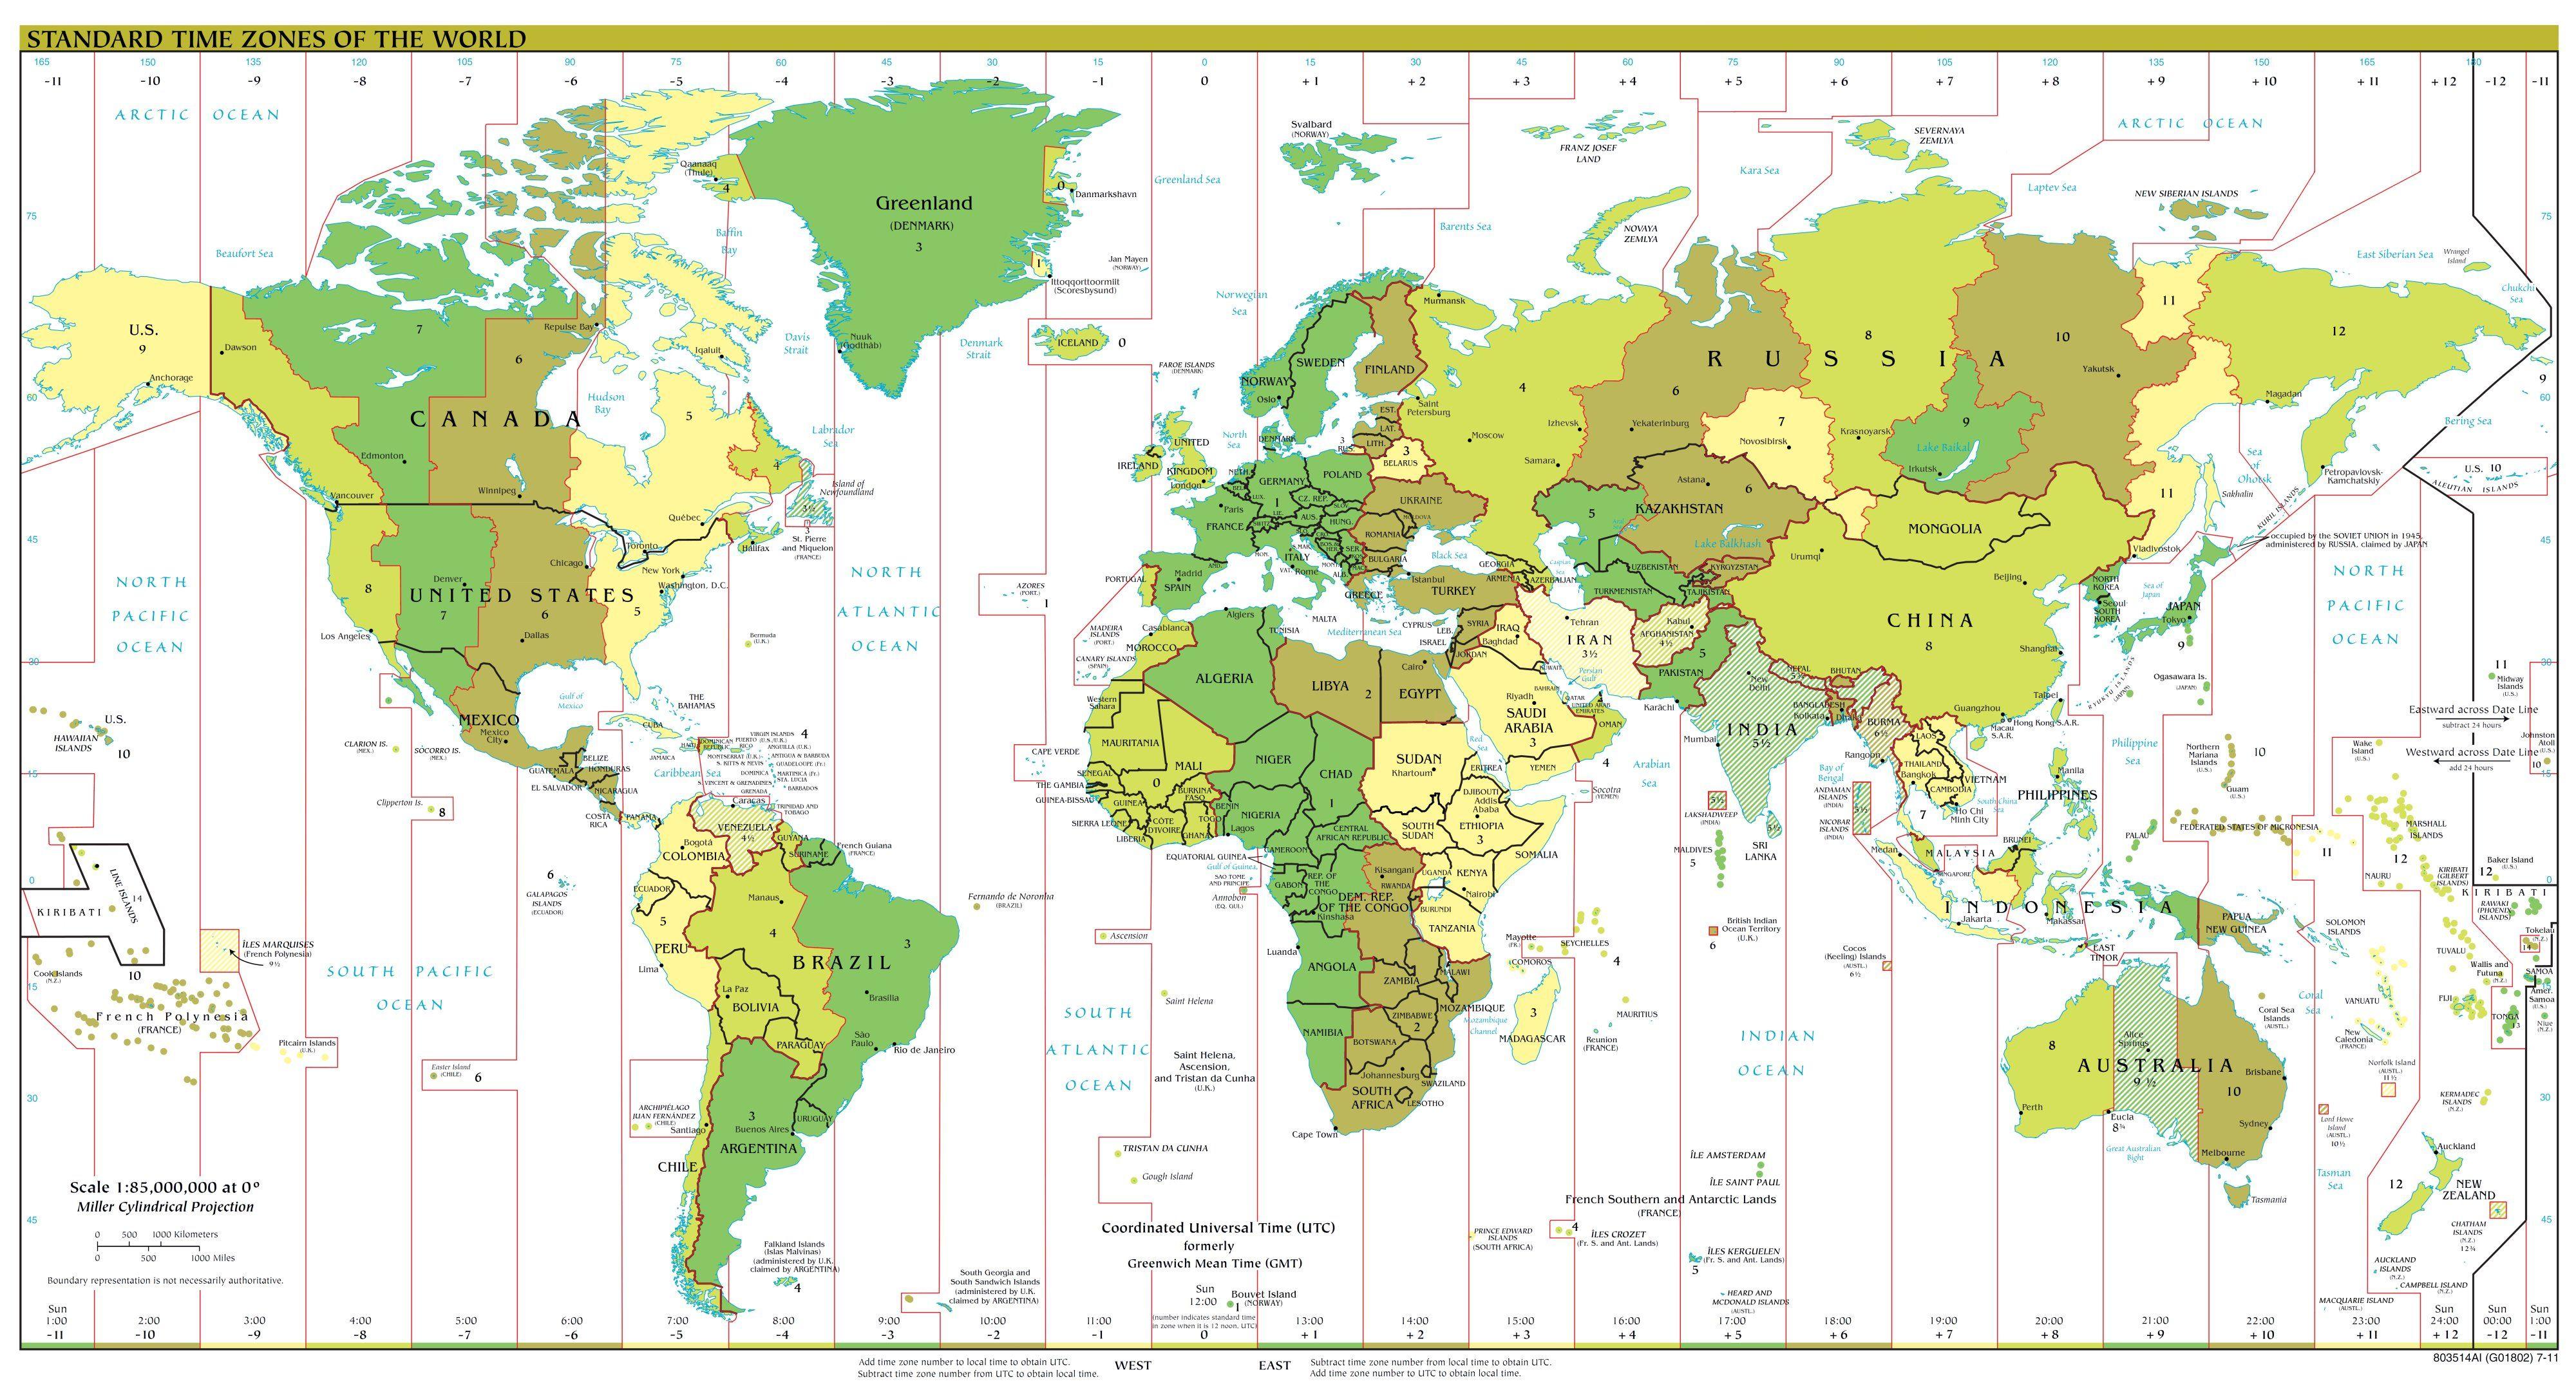 Weltkarte Mit Zeitzonen Zeitzonen Karte Urlaub Grusse Urlaubsgrusse